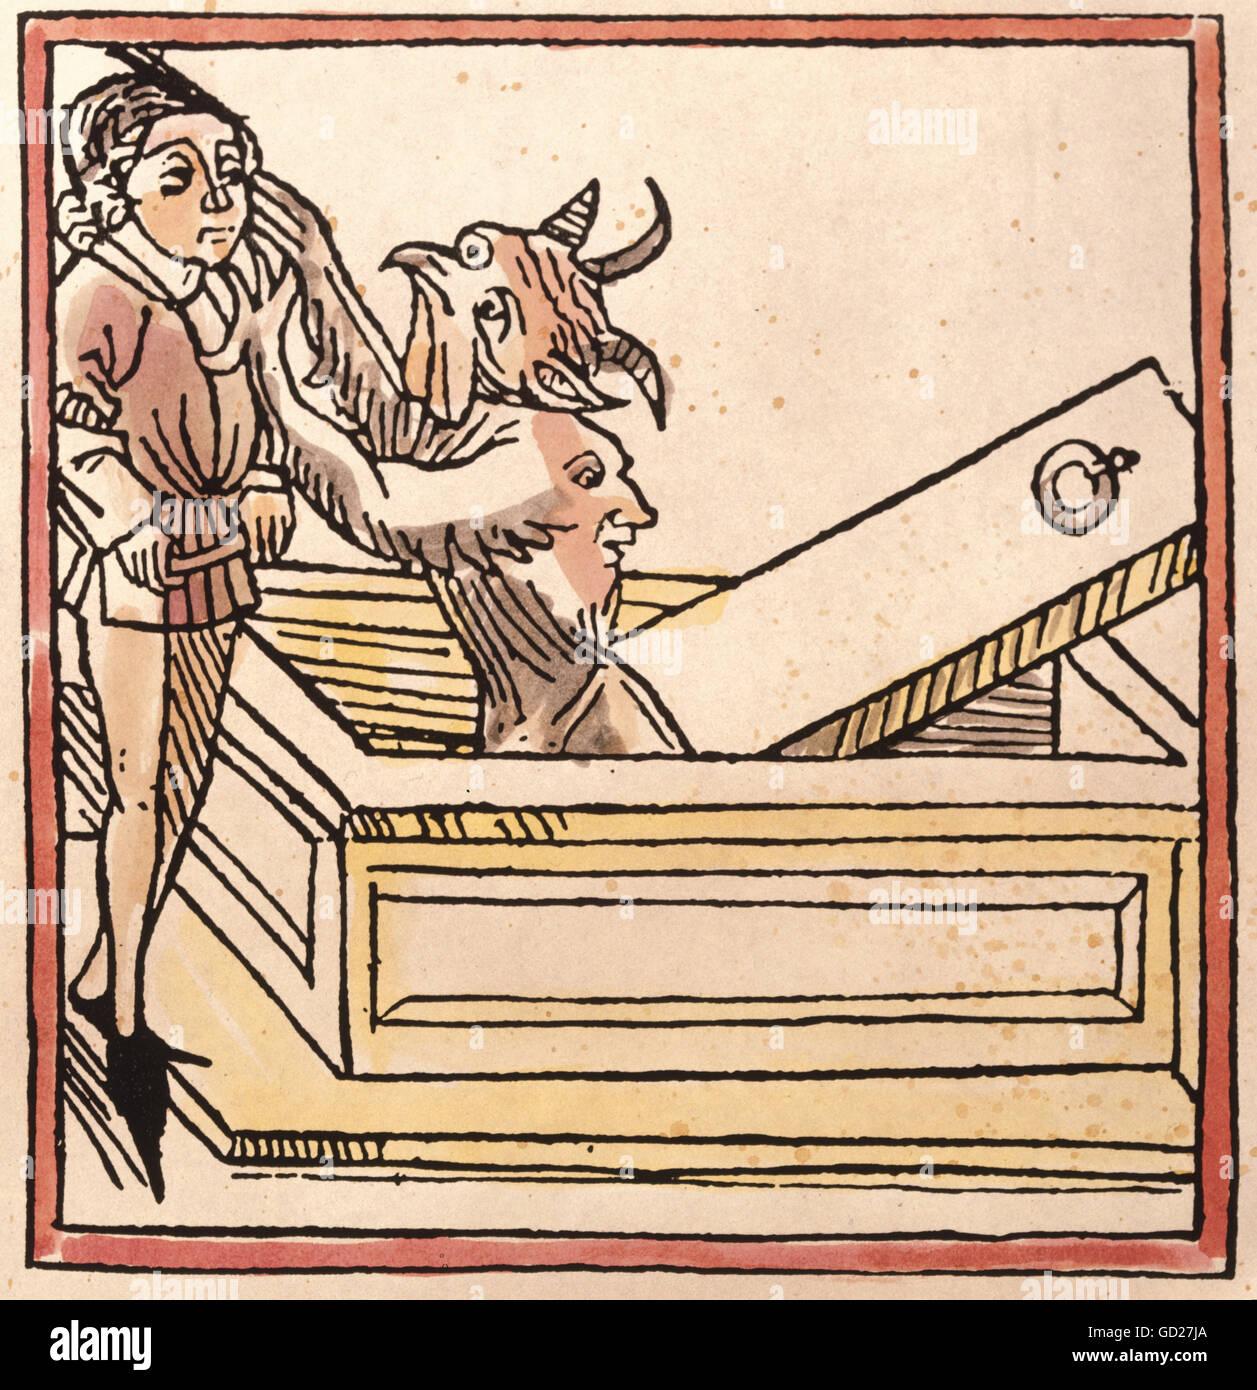 Aberglaube, Dämonen, Jüngling mit Daemon, aus dem Bericht von Johann von Mandeville' über fremde Stockbild